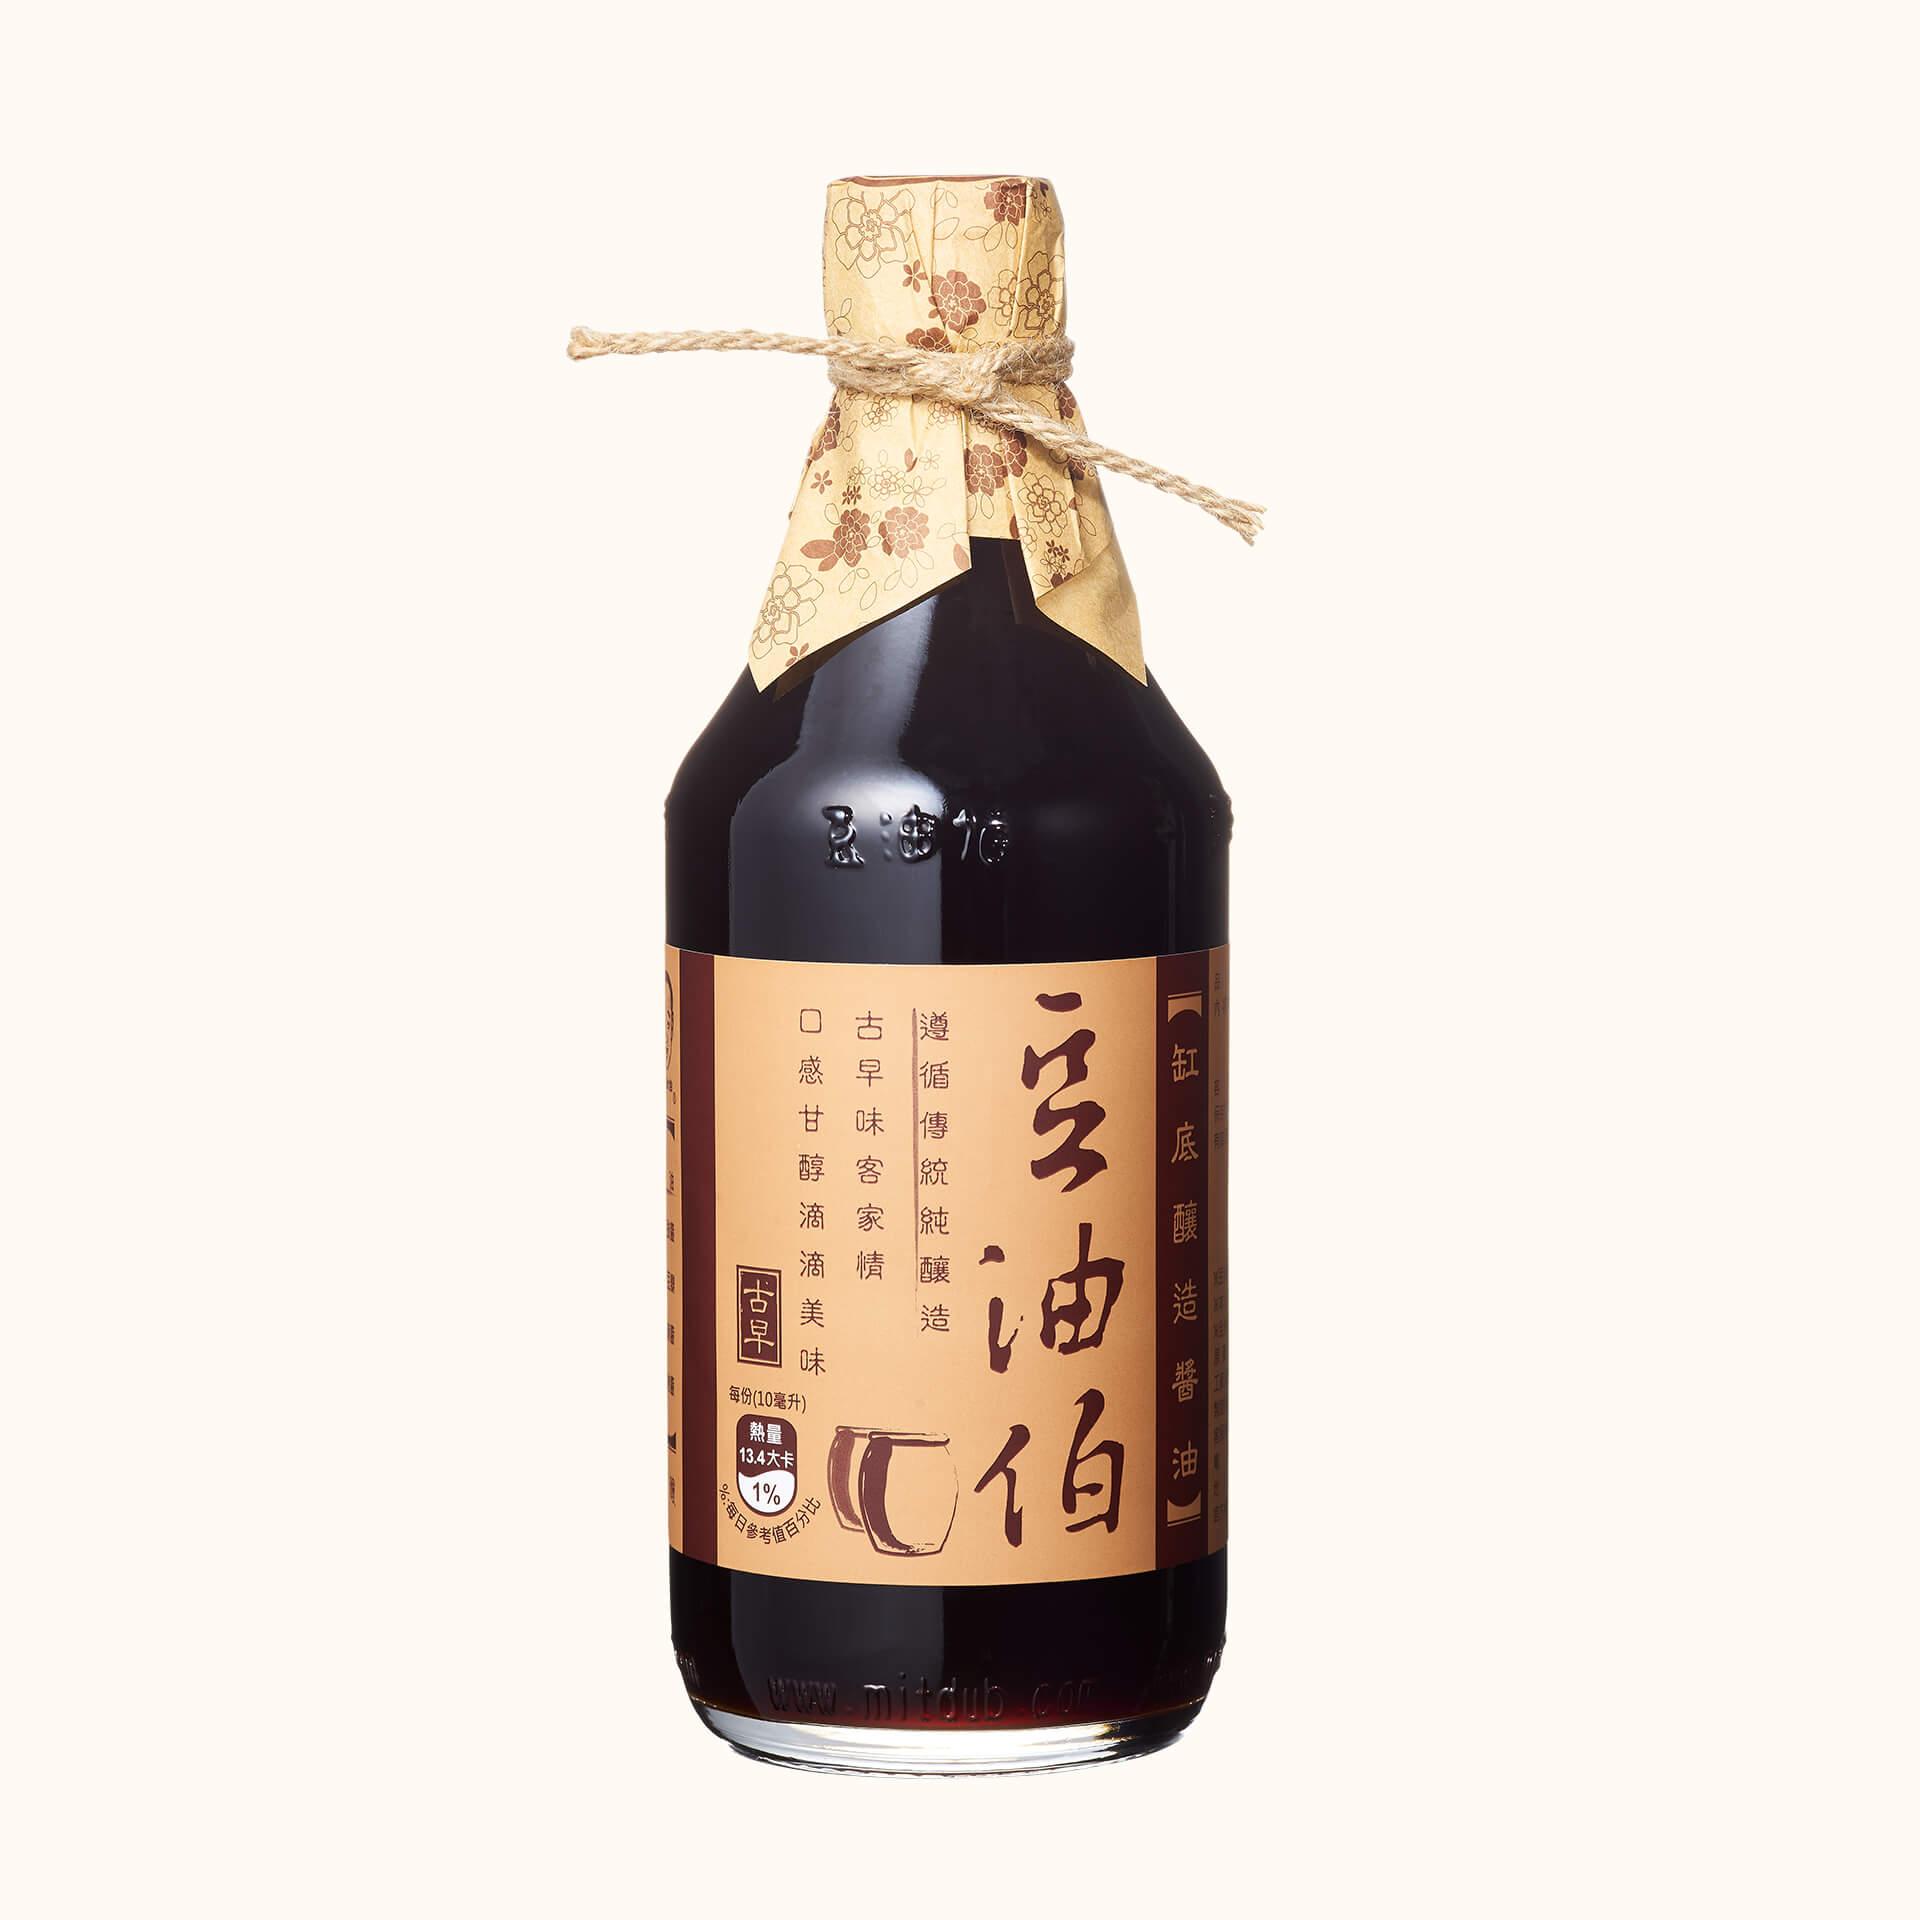 缸底醬油3入+巴狄尼絲橄欖油2入(共5入)